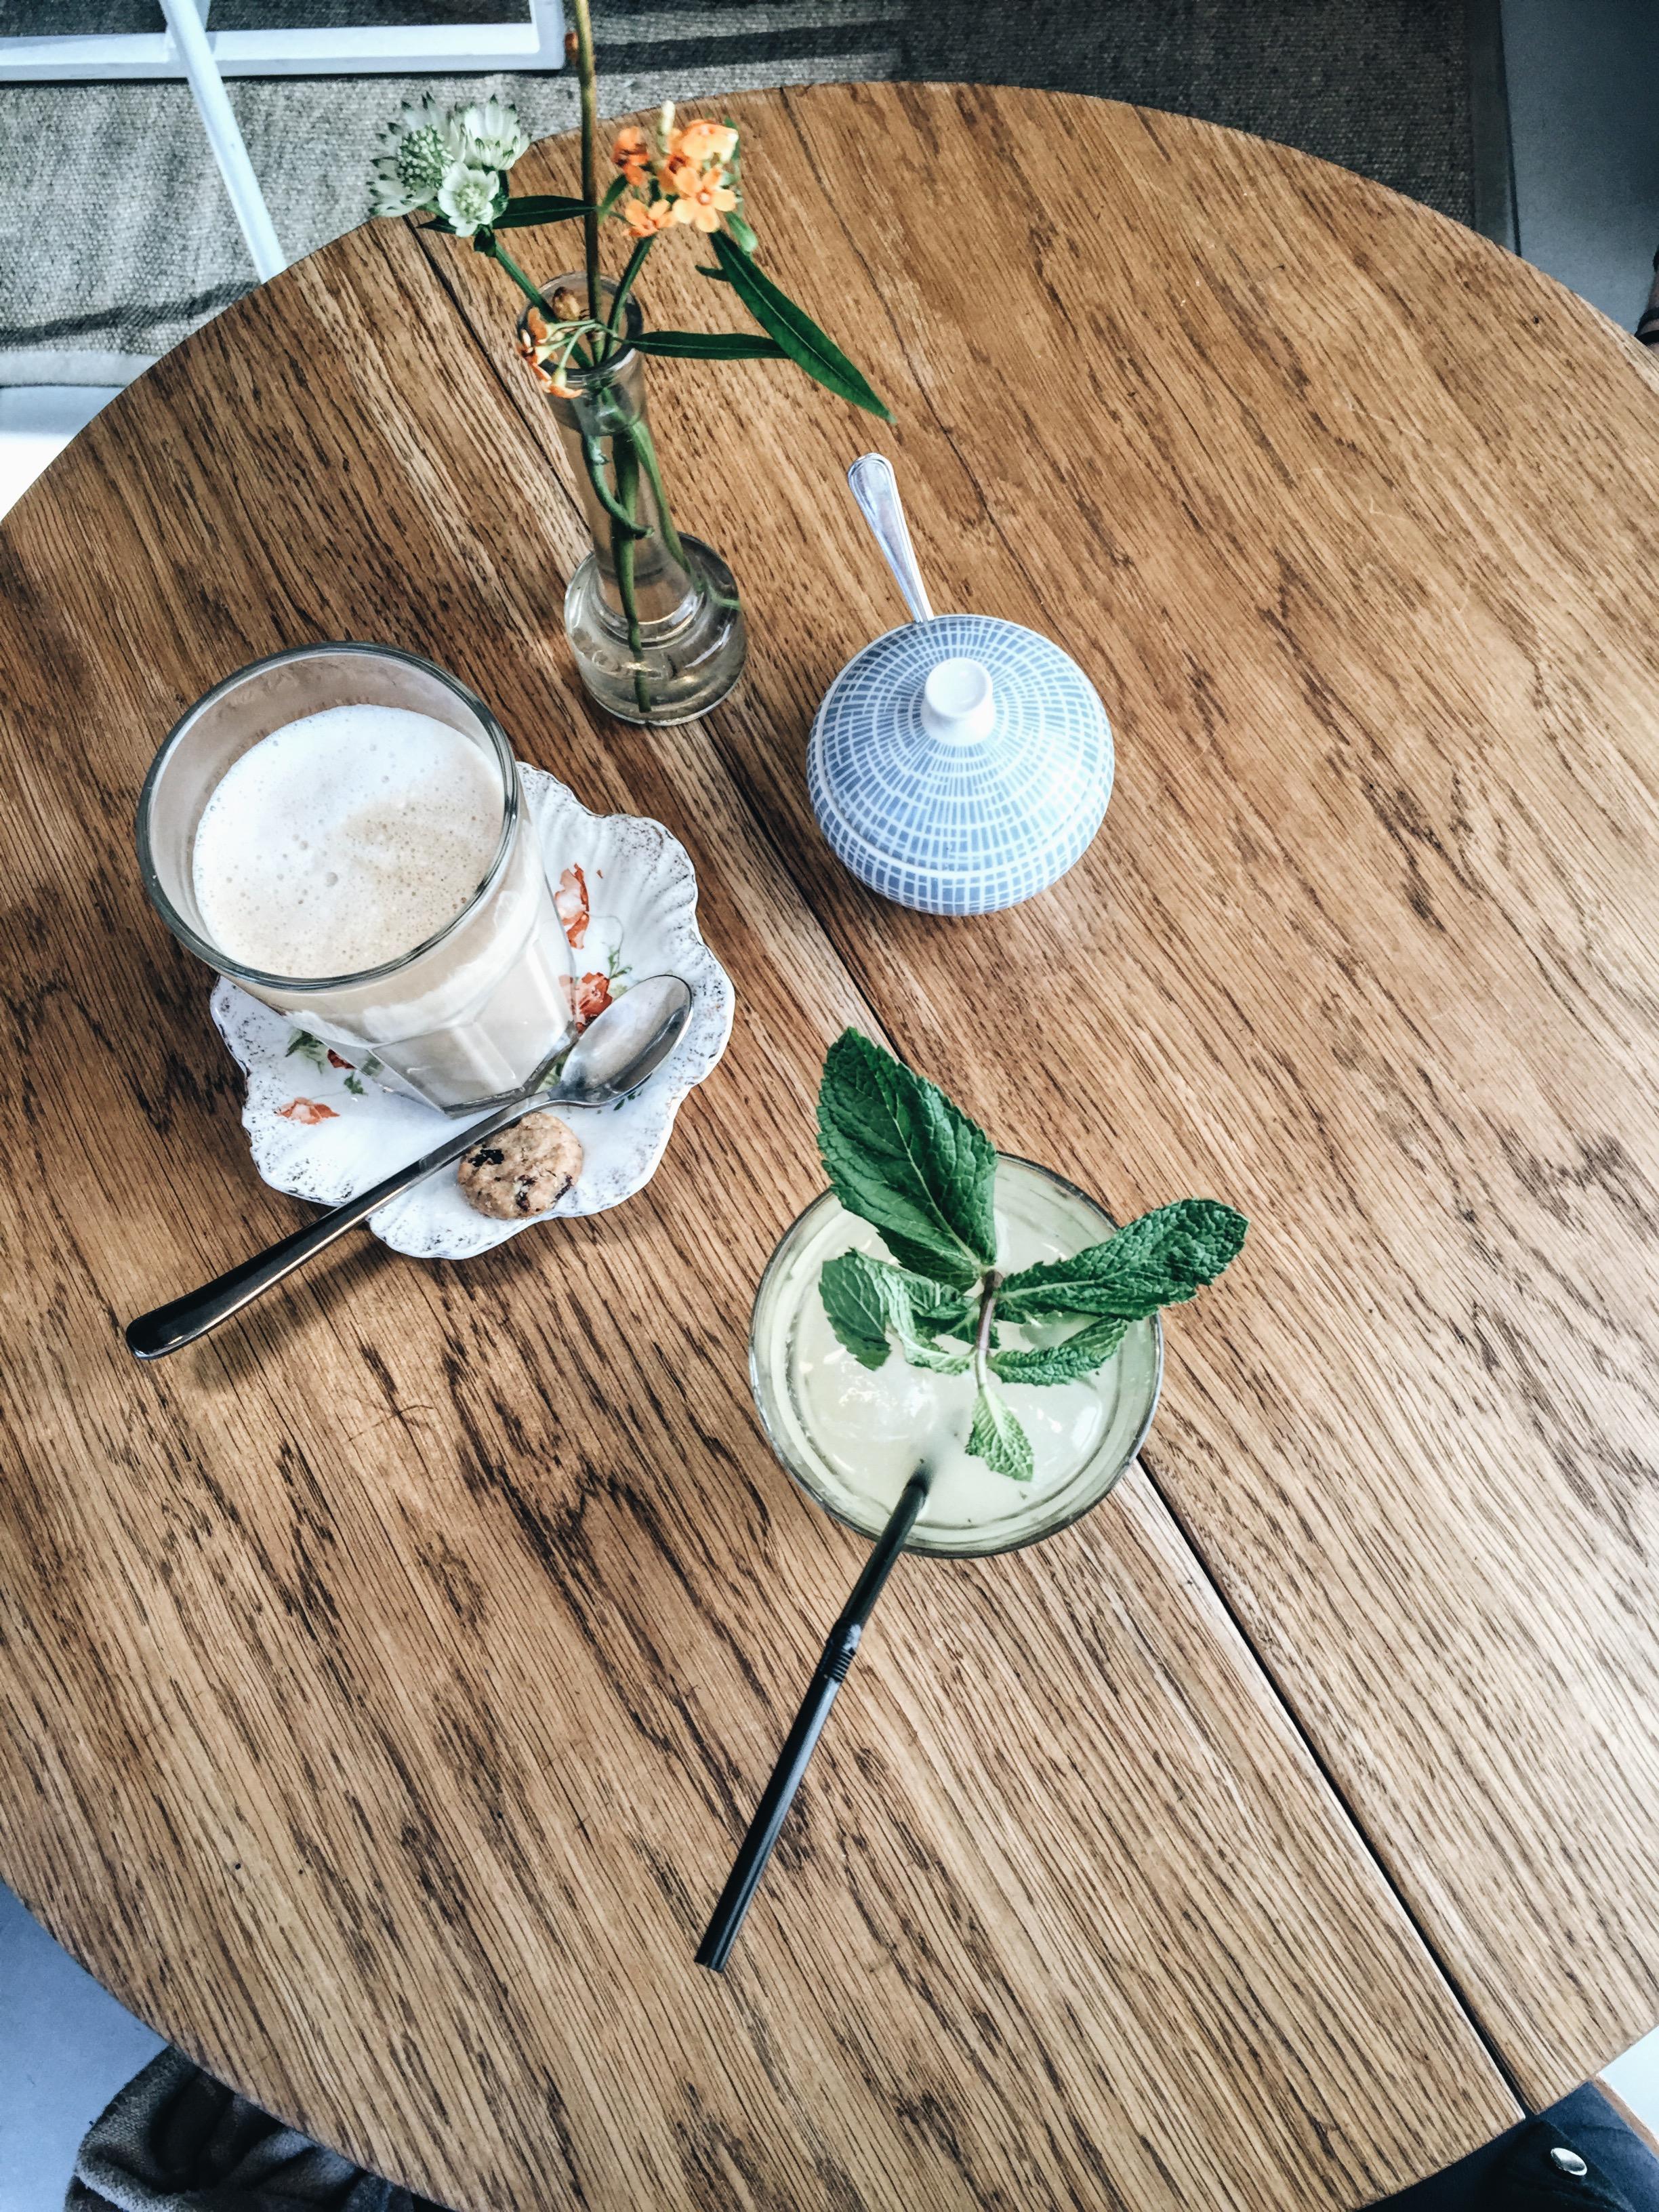 Koffie en Staal Leuven